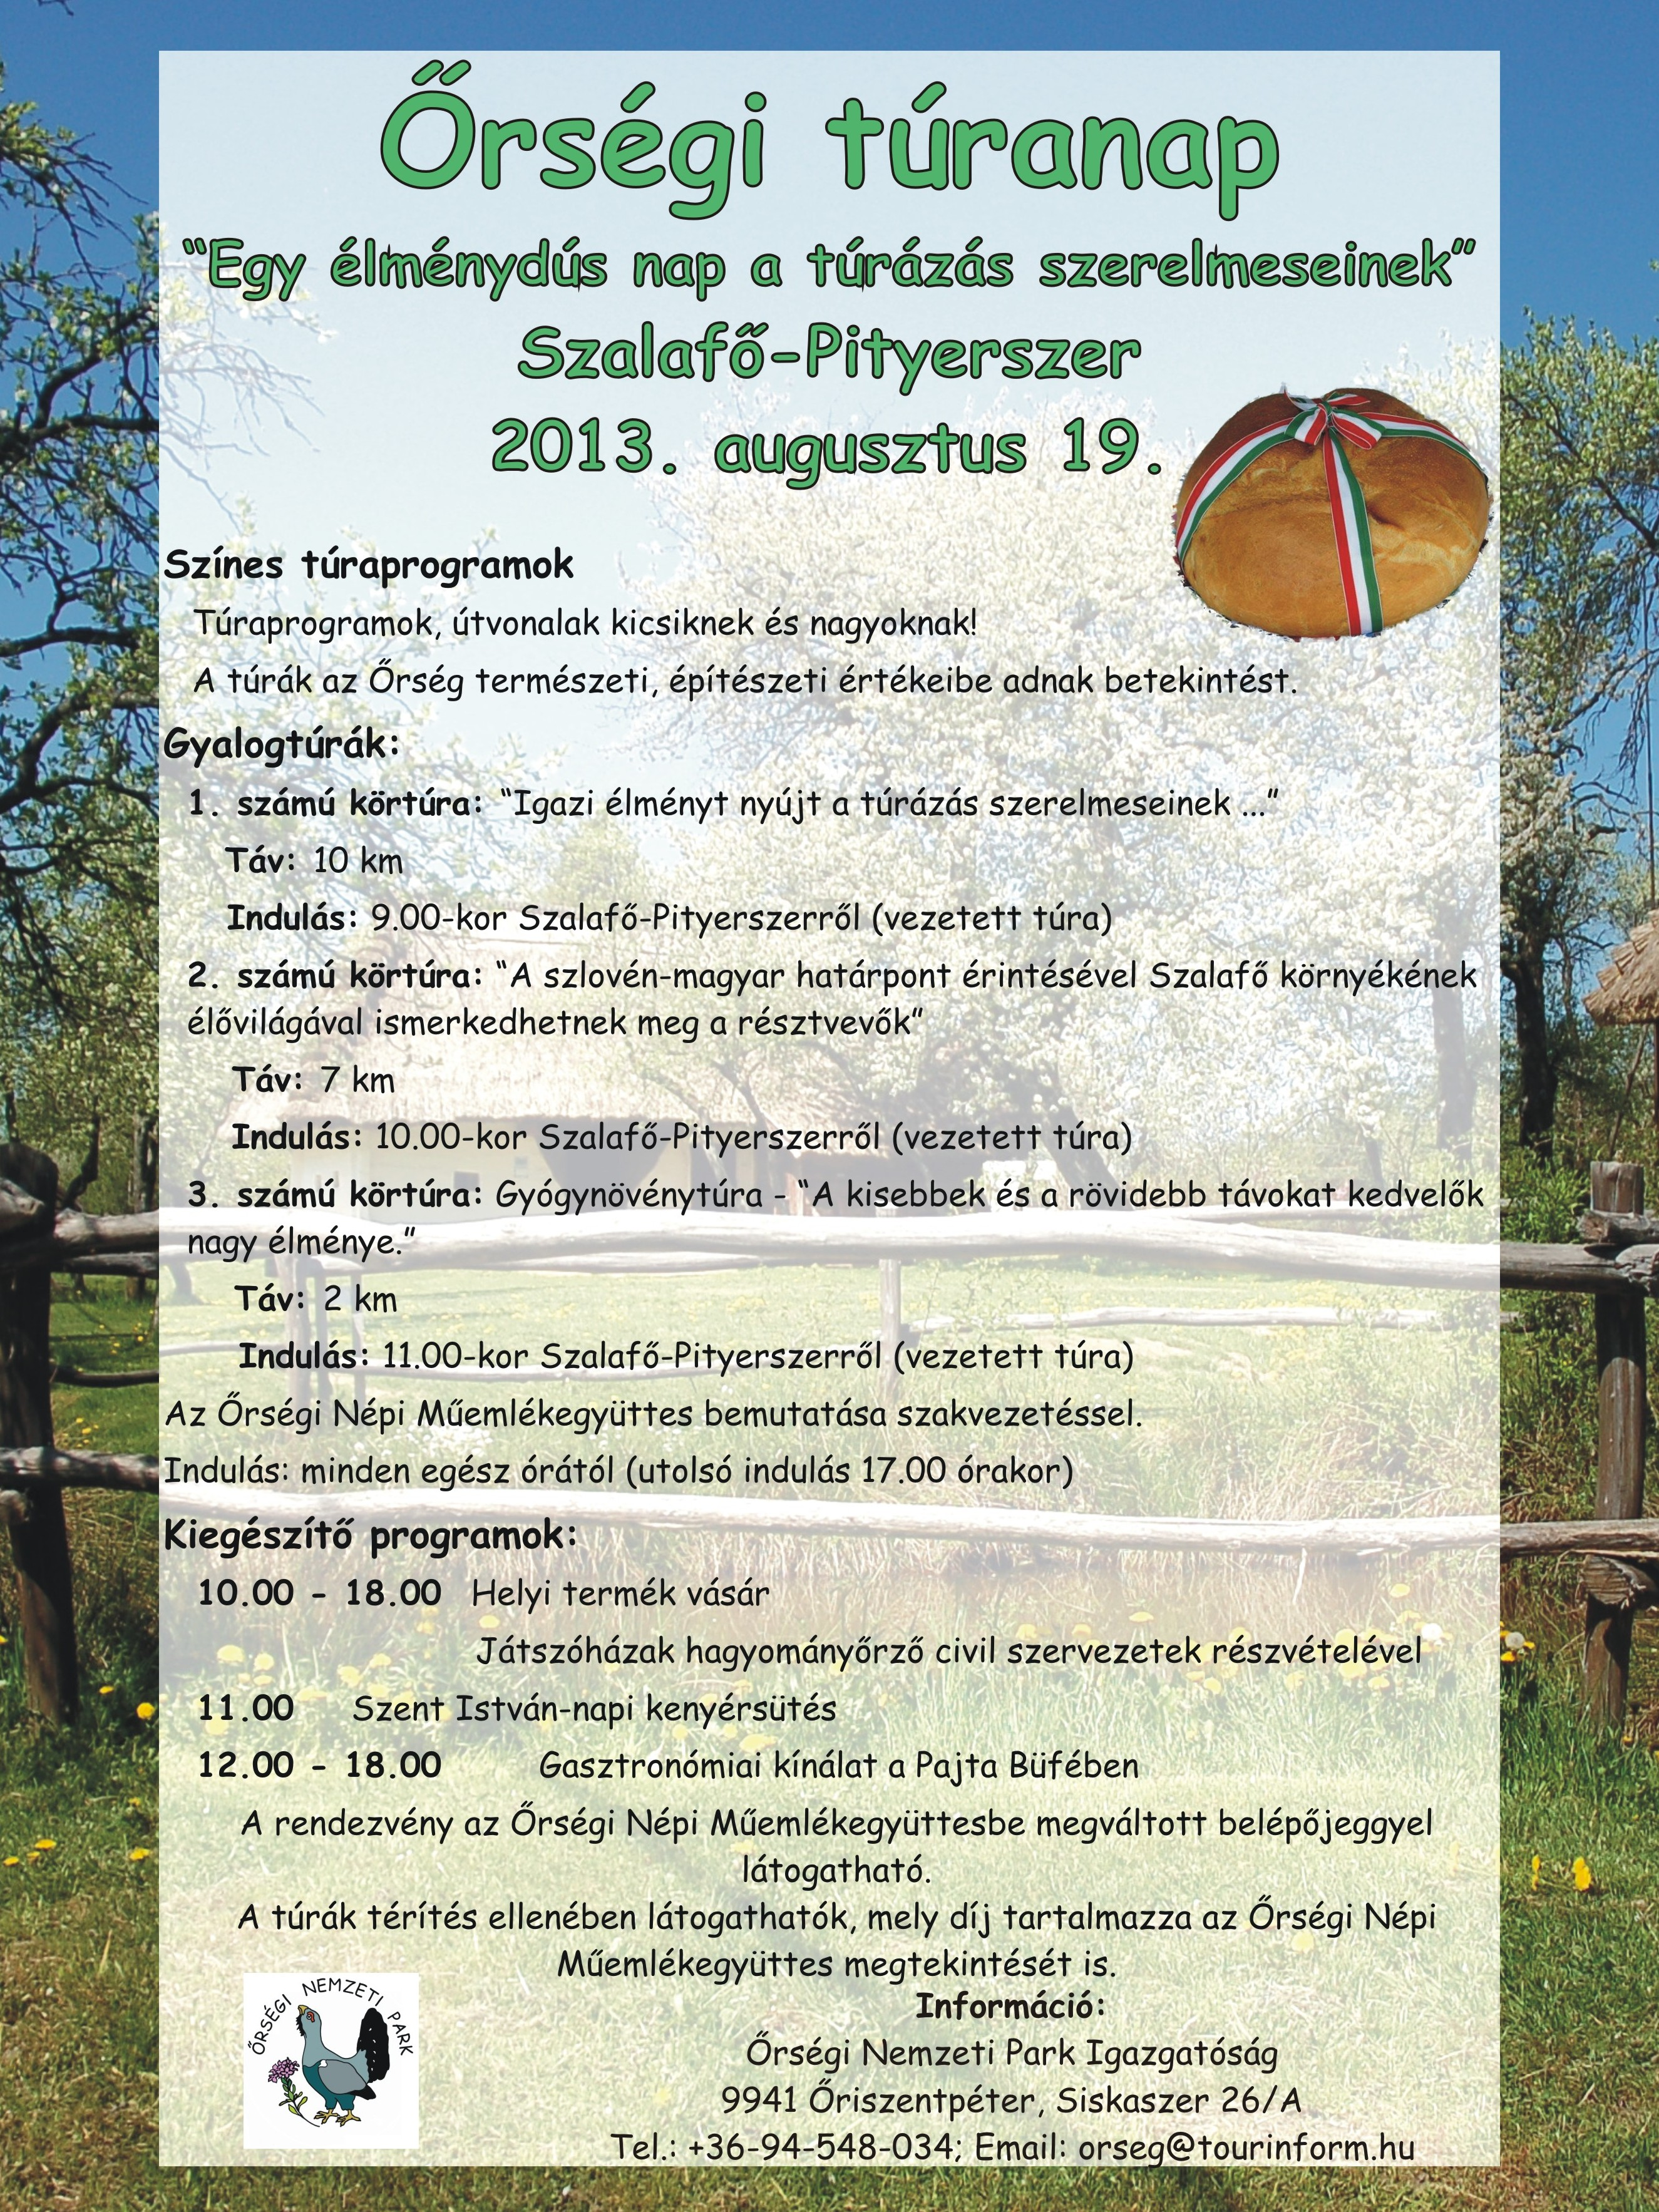 Őrségi Túranap - 2013. augusztus 19. Szalafő-Pityerszer